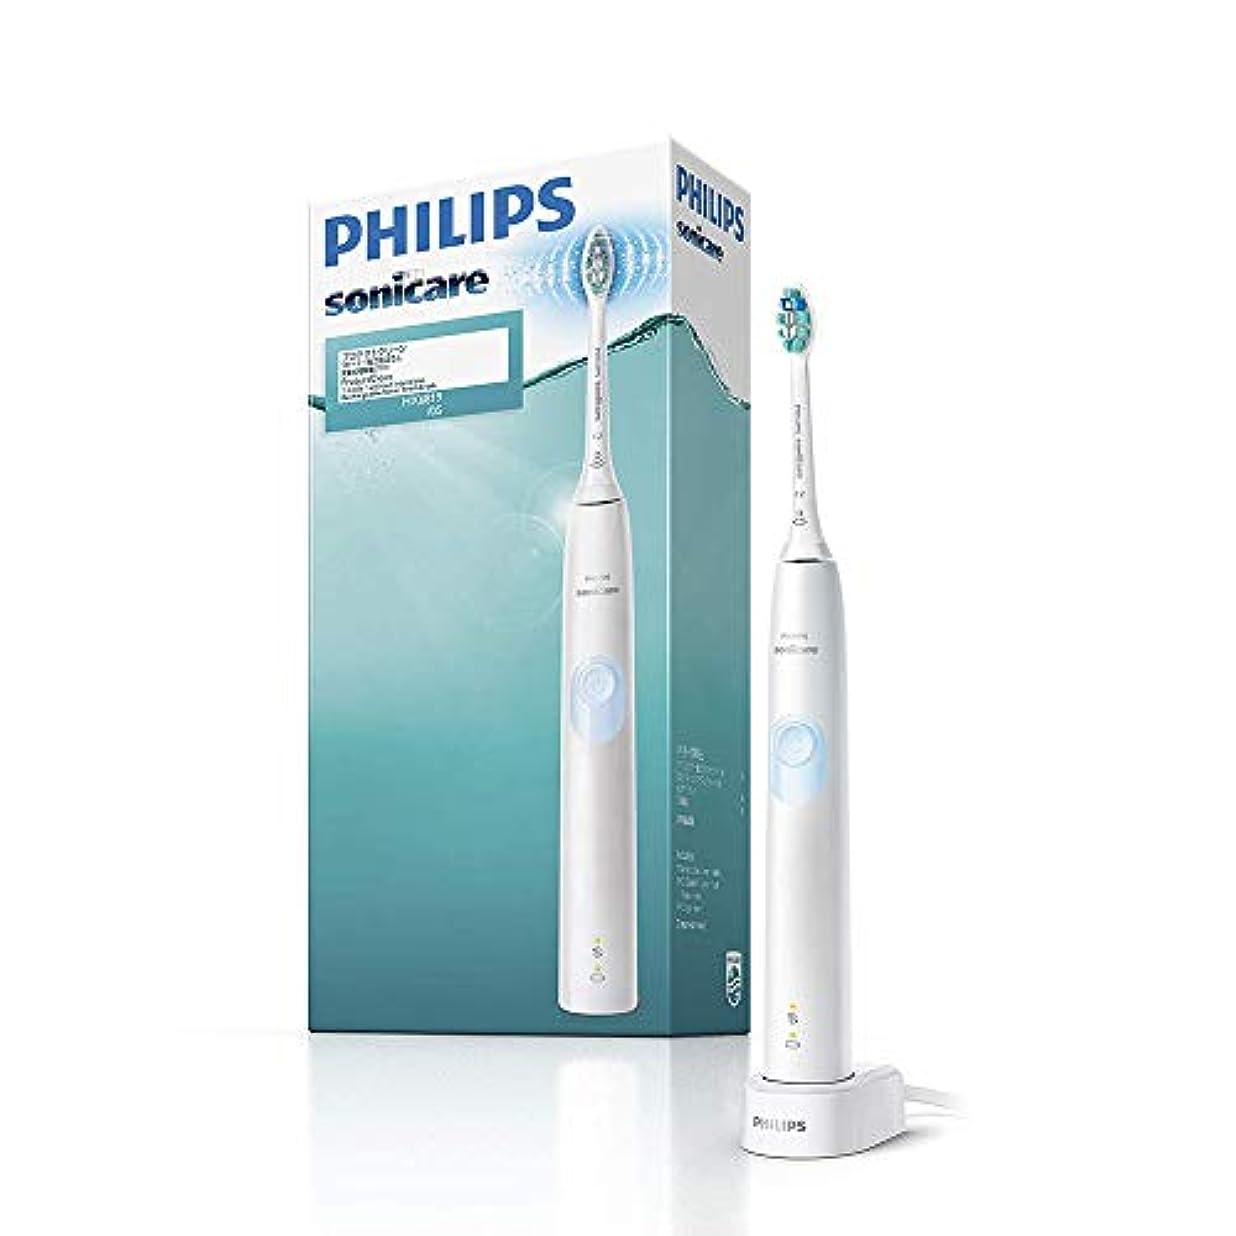 オリエンタル脚特に【Amazon.co.jp限定】フィリップス ソニッケアー プロテクトクリーン ホワイトライトブルー 電動歯ブラシ 強さ設定なし HX6819/05